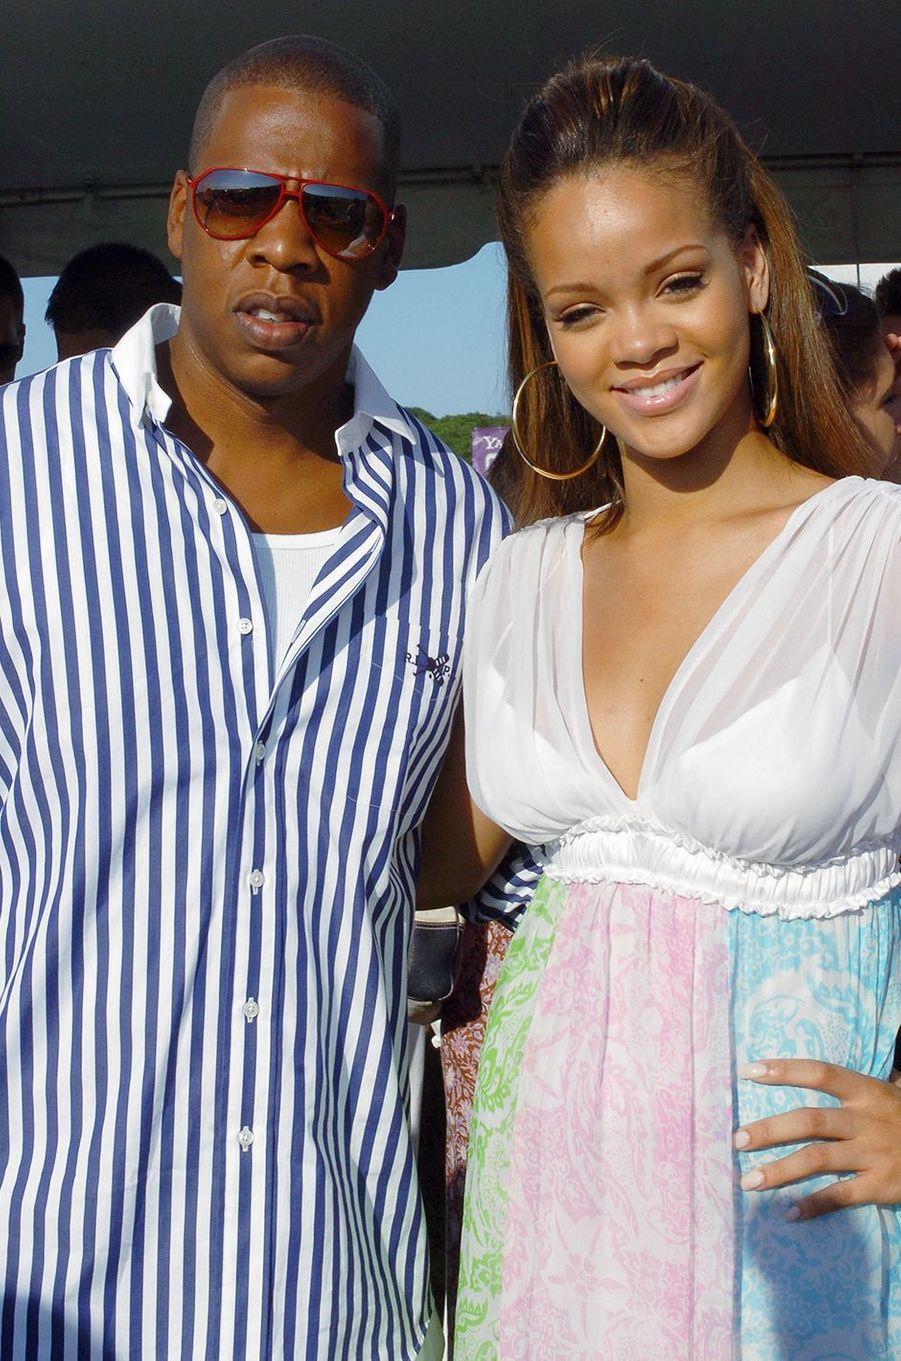 Rihanna au côté de son mentor Jay-Z lors d'un événement organisé à New York par son label Def Jam en juillet 2005